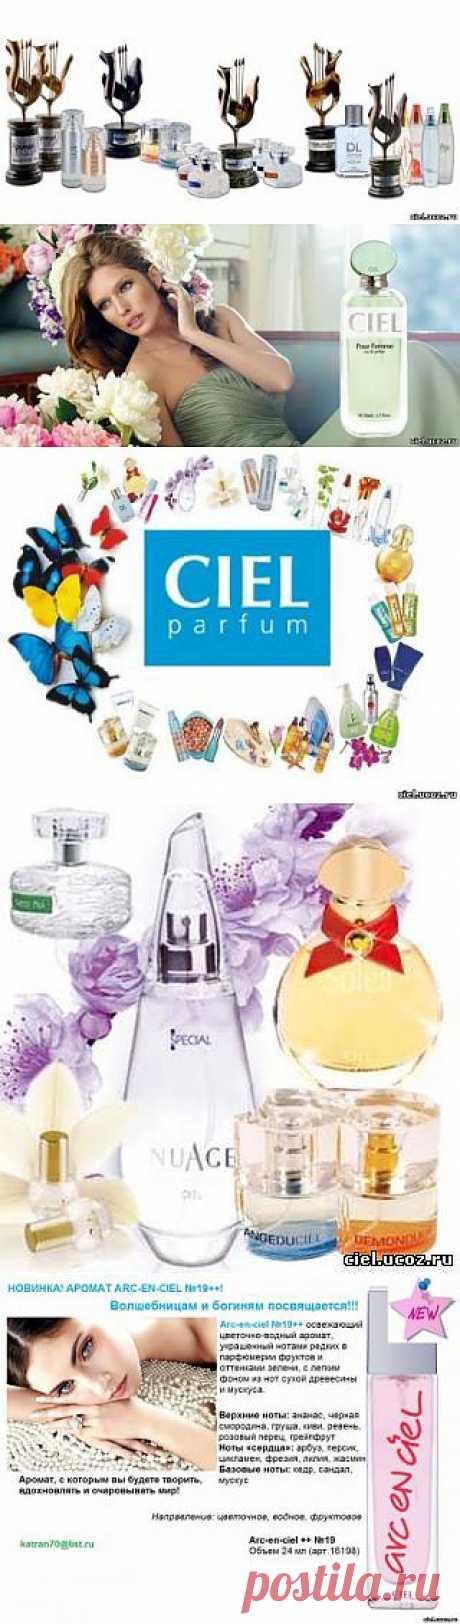 CIEL parfum UA - Главная страница